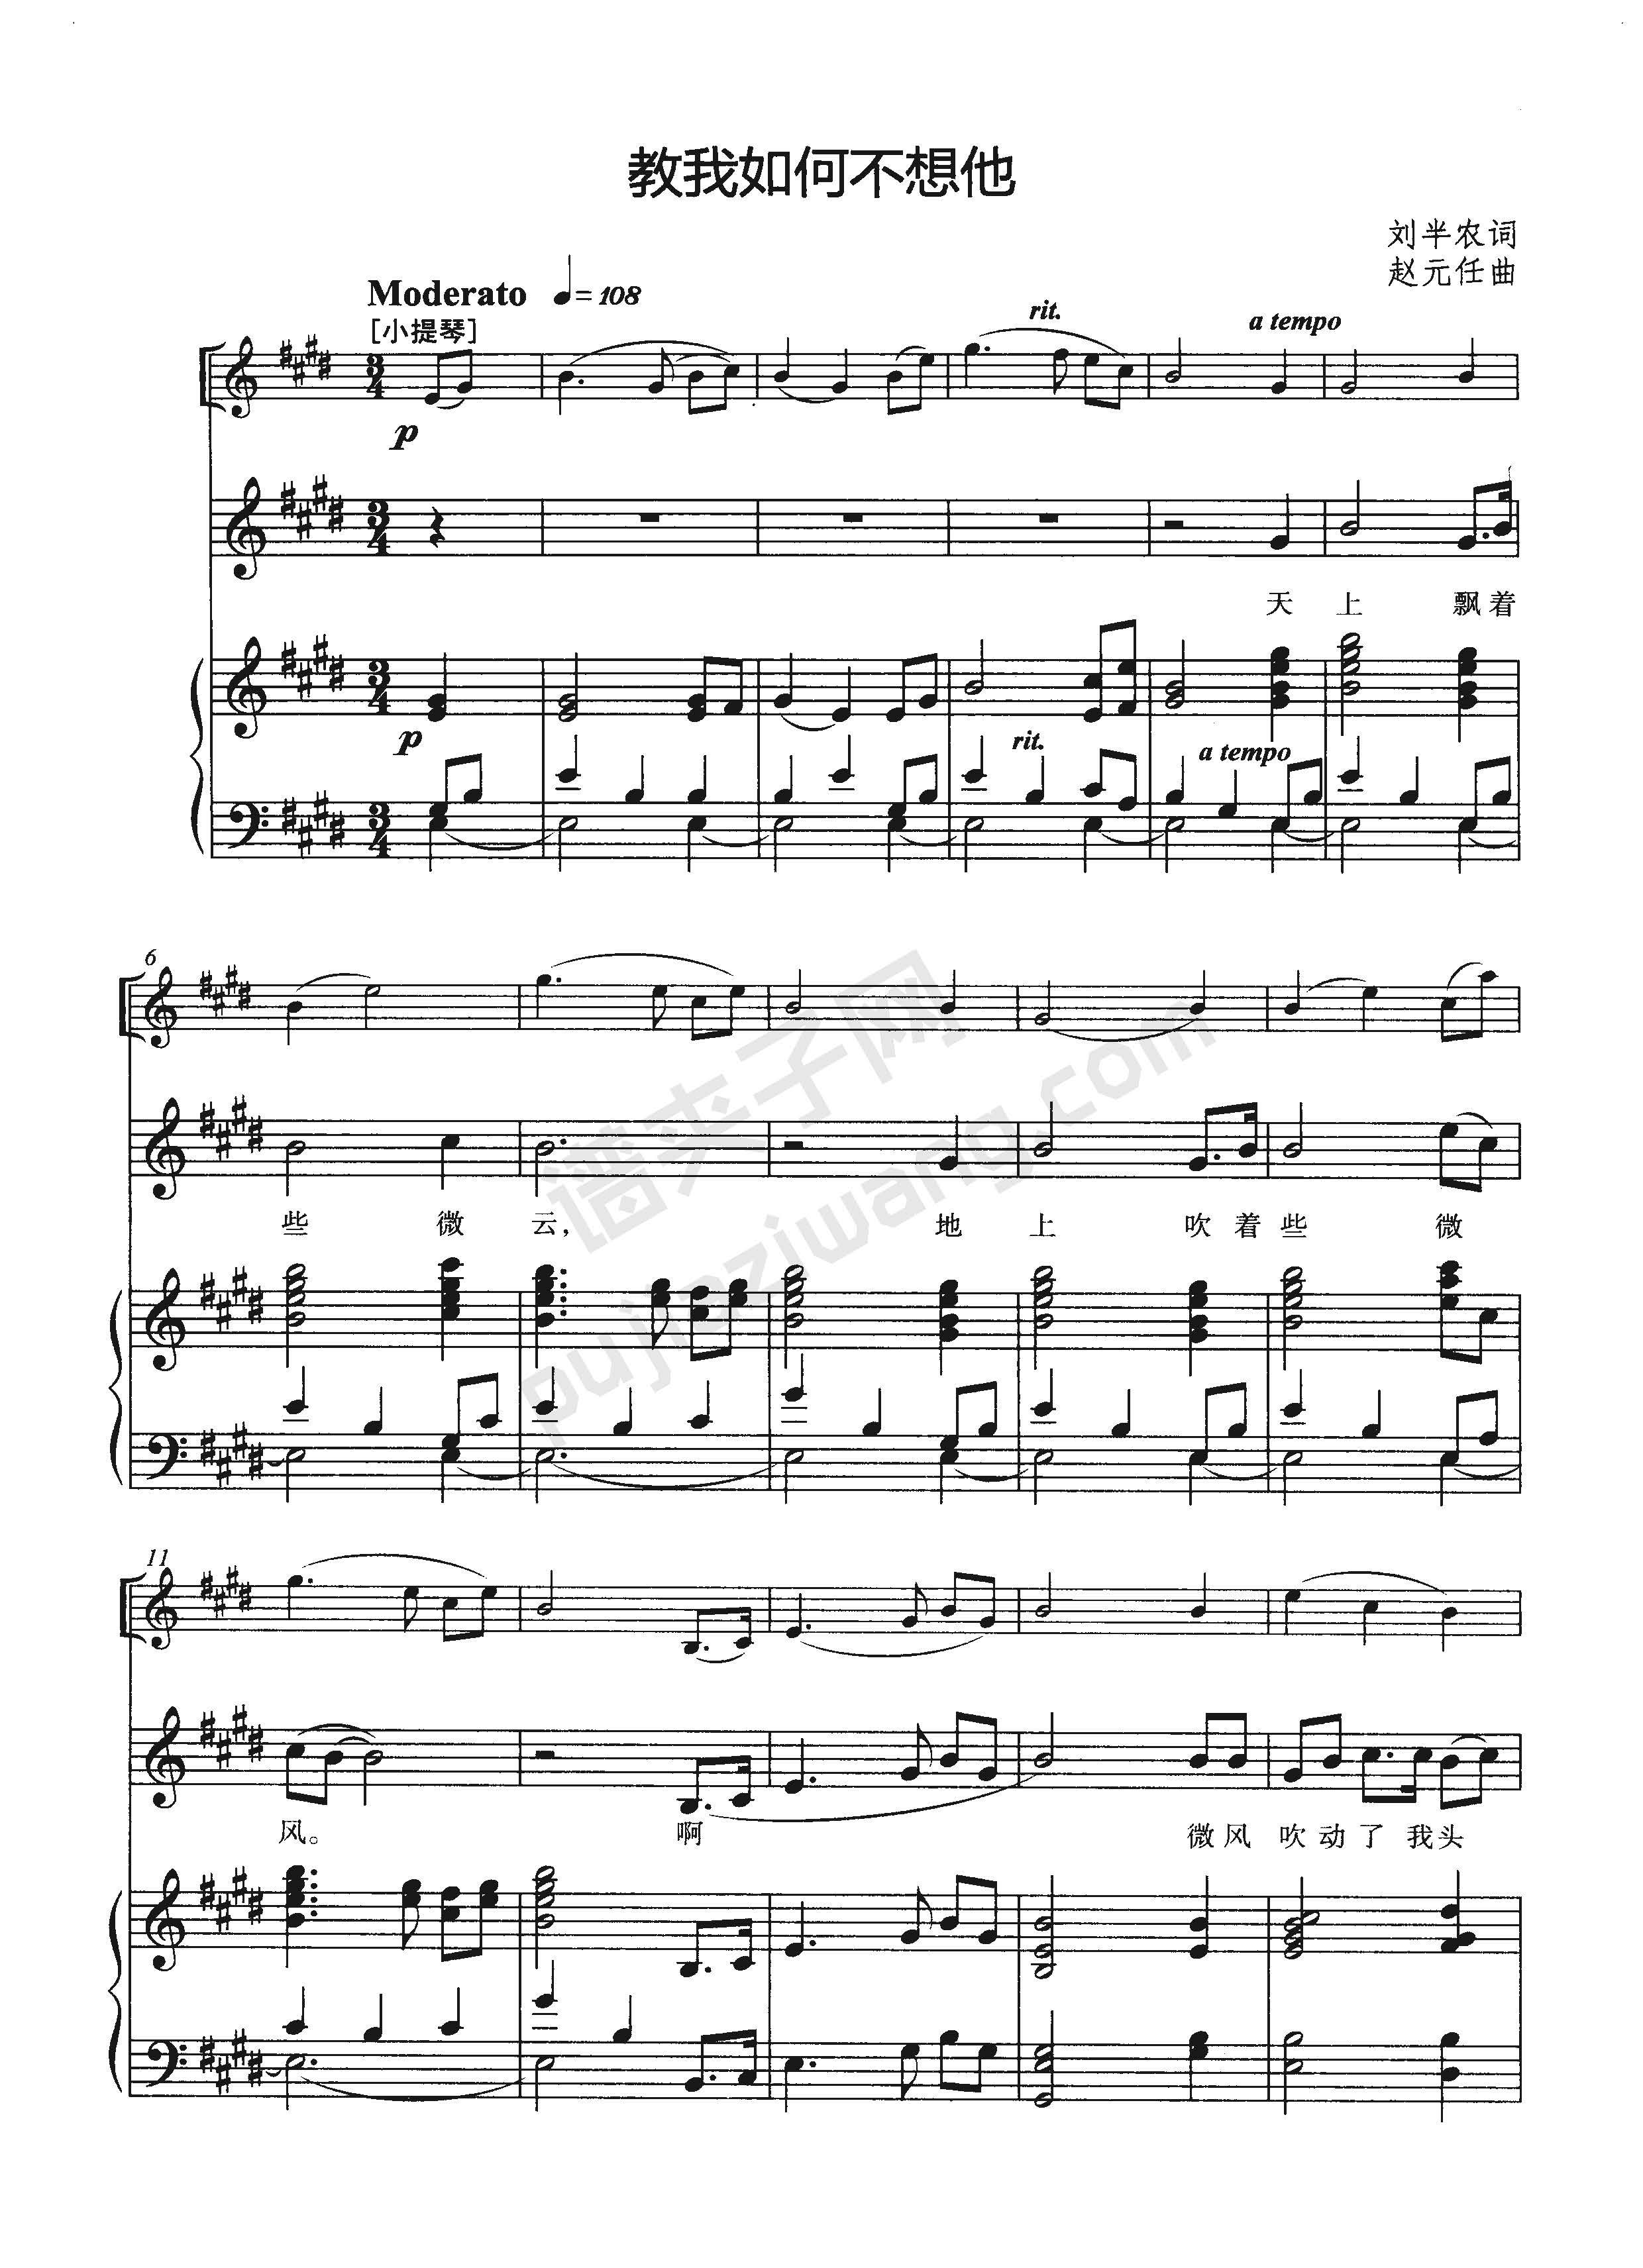 法国号儿歌曲谱